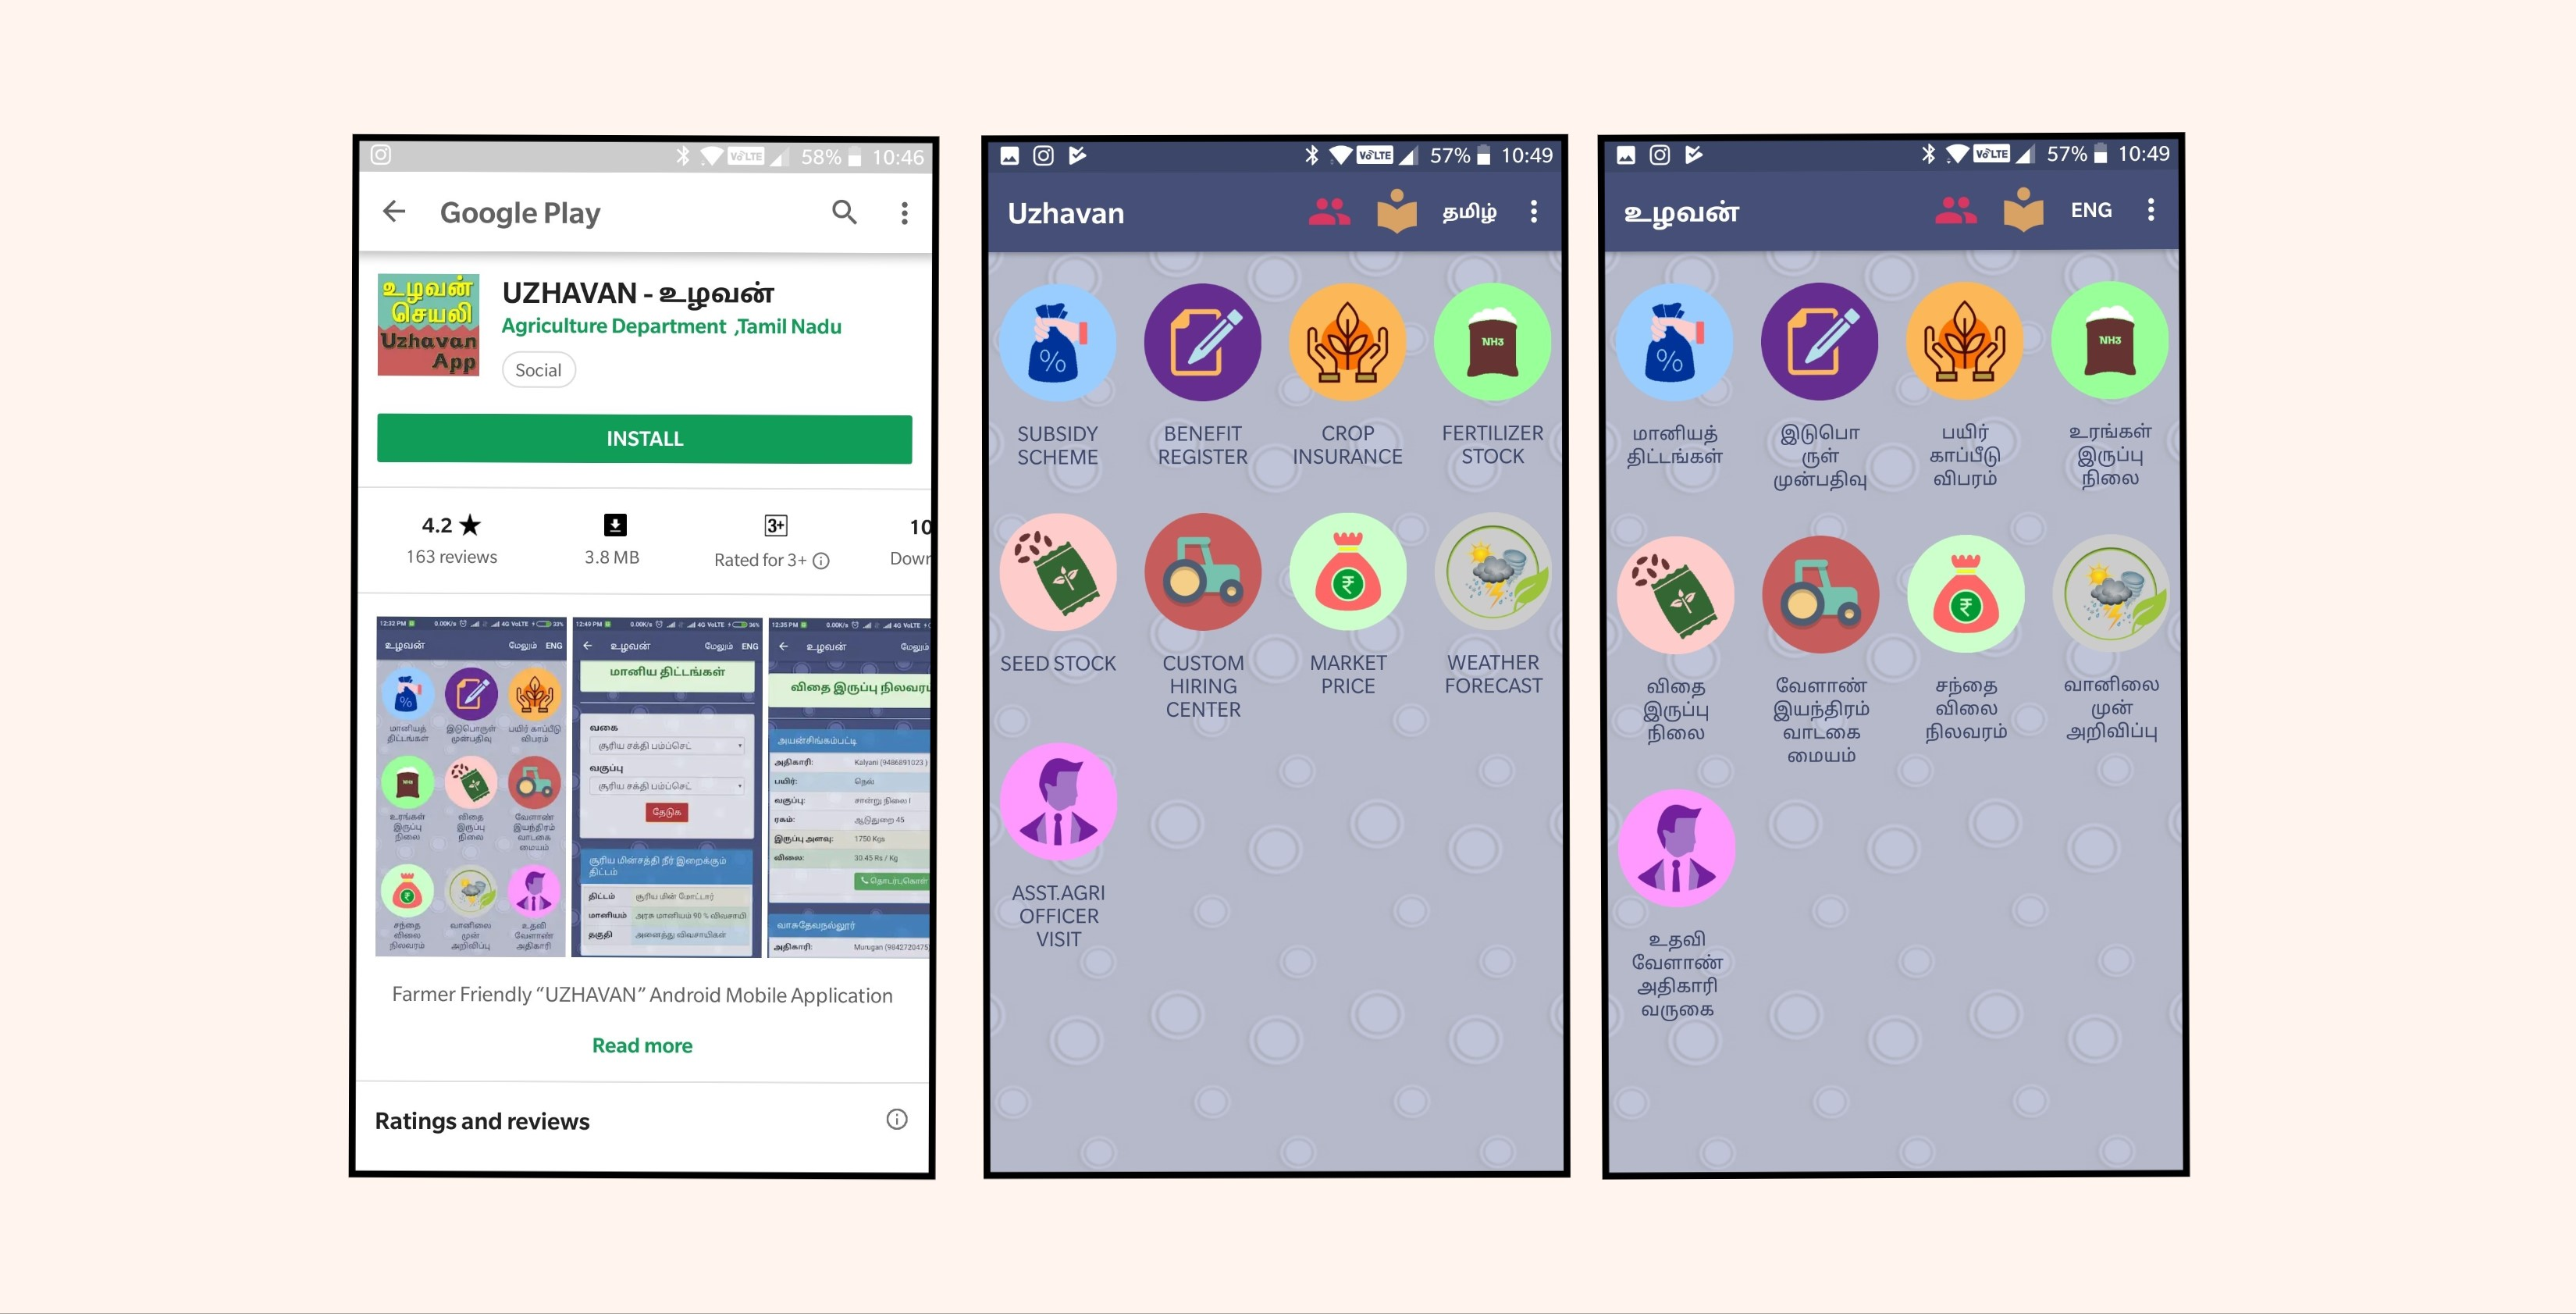 உழவன் செயலி - An App for Farmers